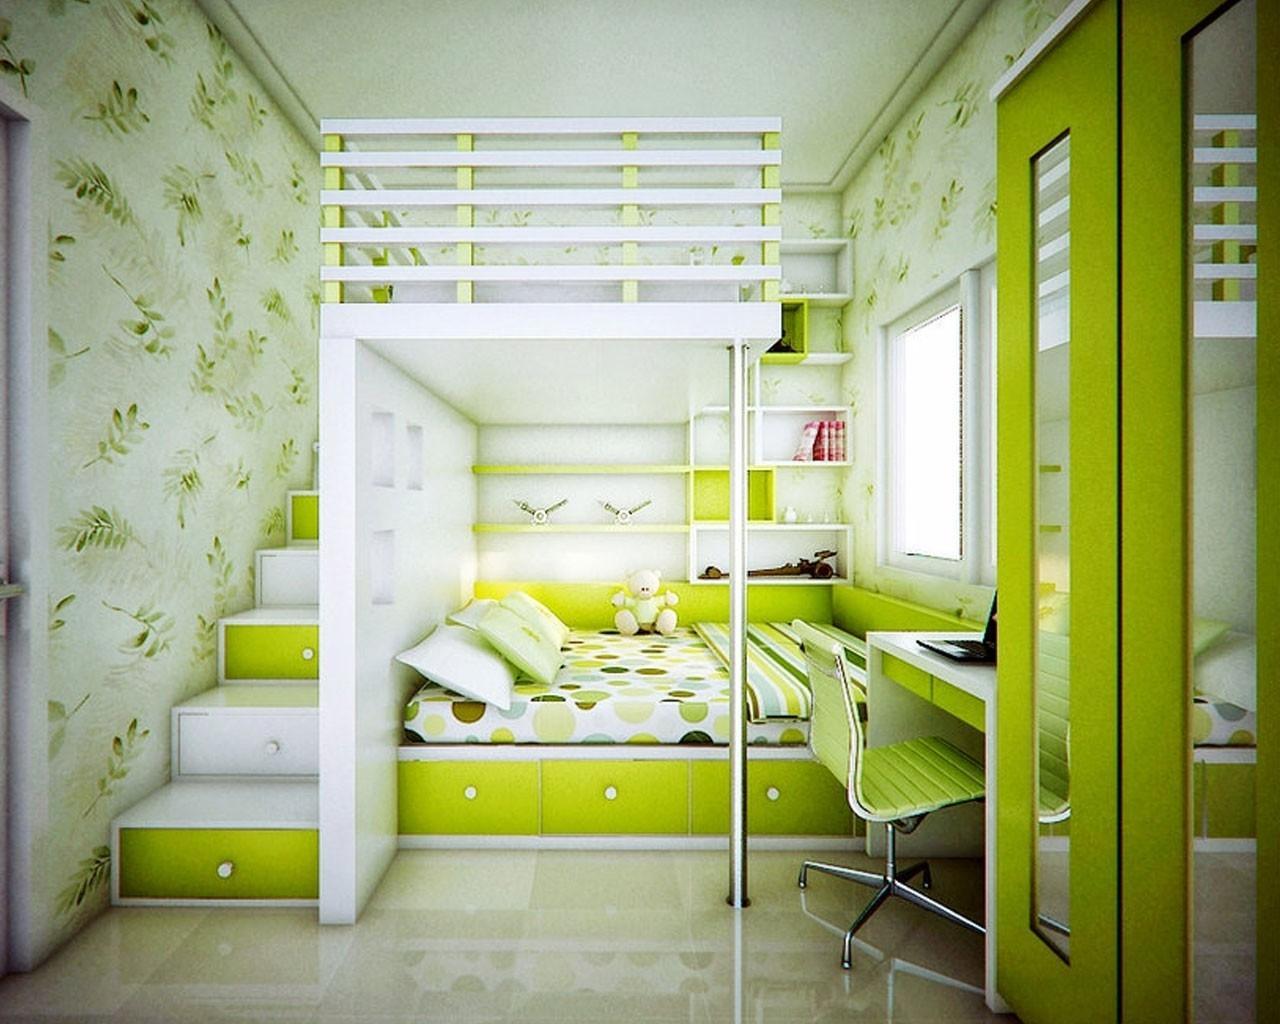 Как обустроить комнату для родителей и ребенка вместе